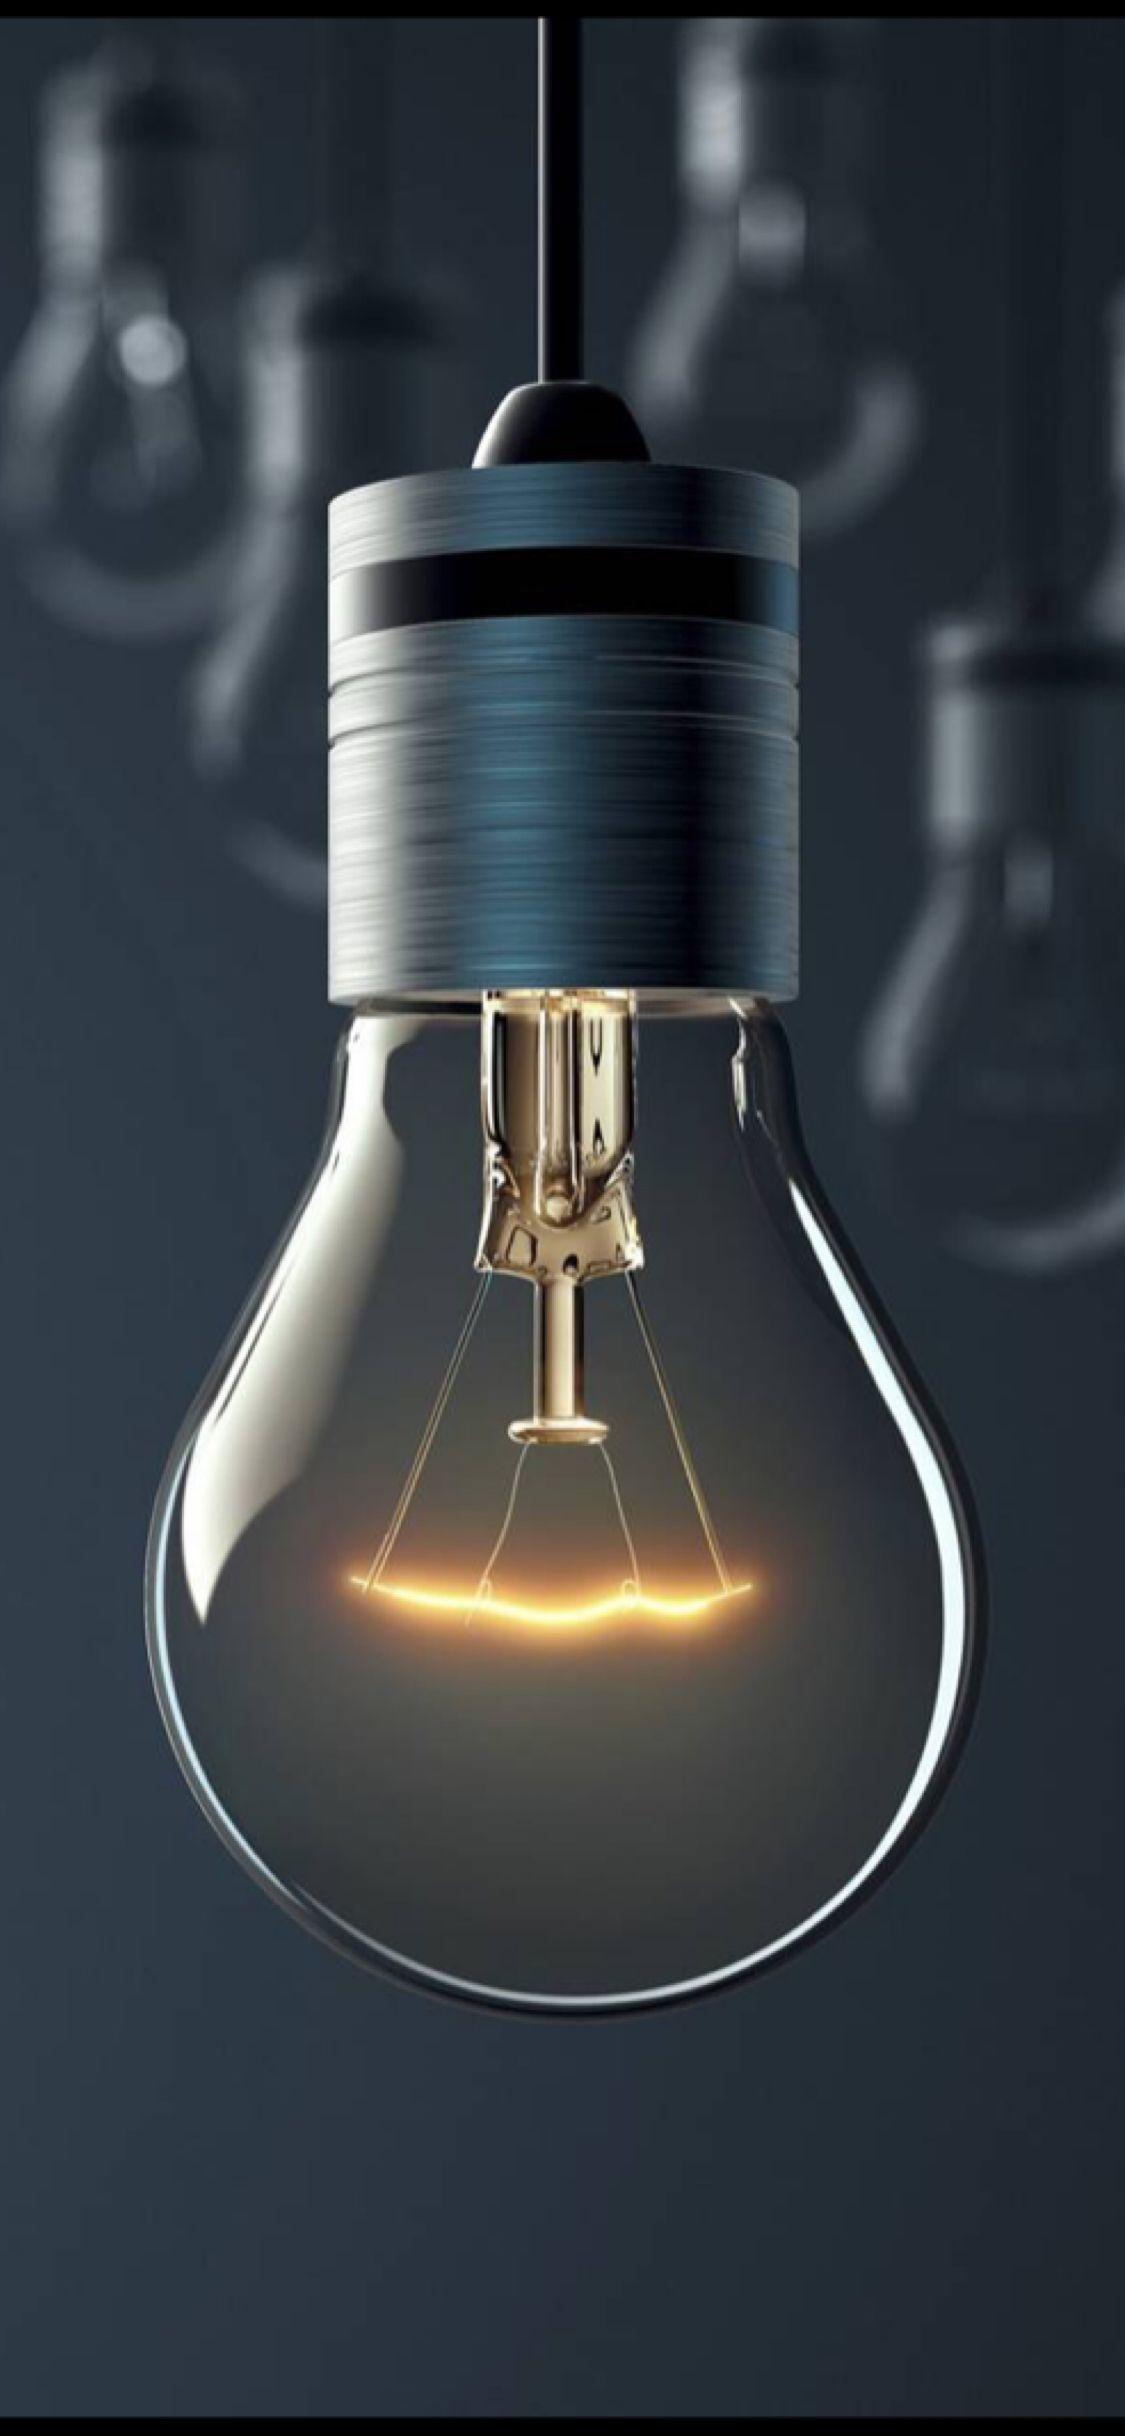 A bulb of light | Zollotech Wallpaper | Iphone wallpaper, Hd